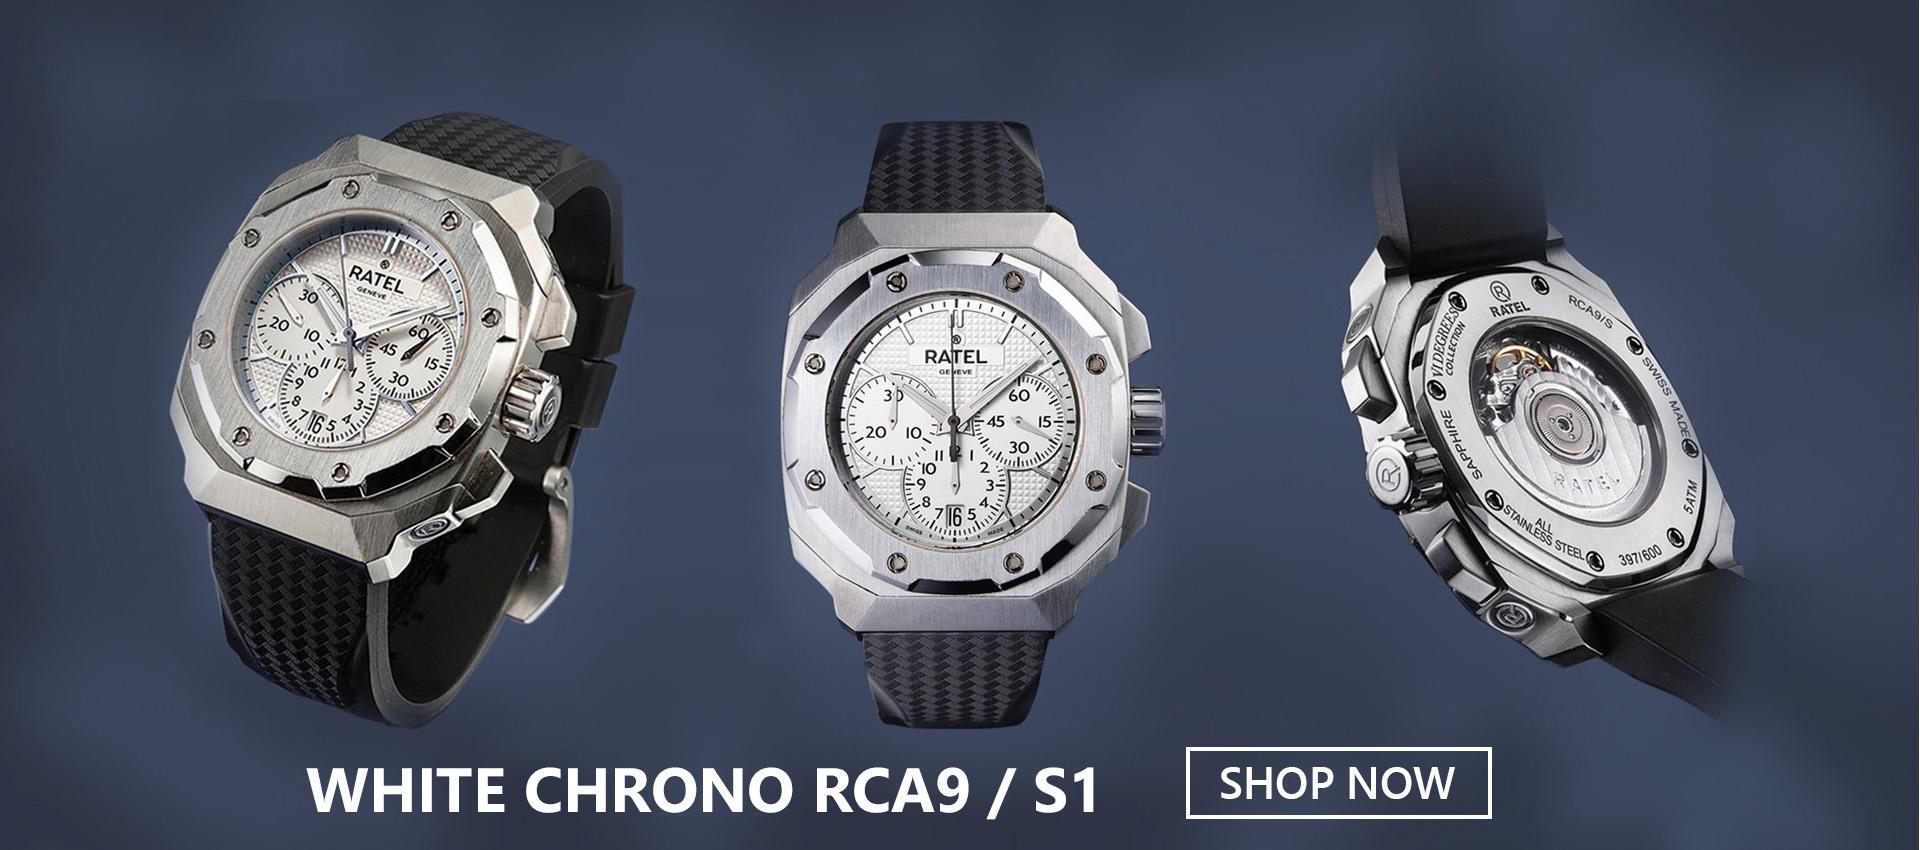 White Chrono RCA9 / S1